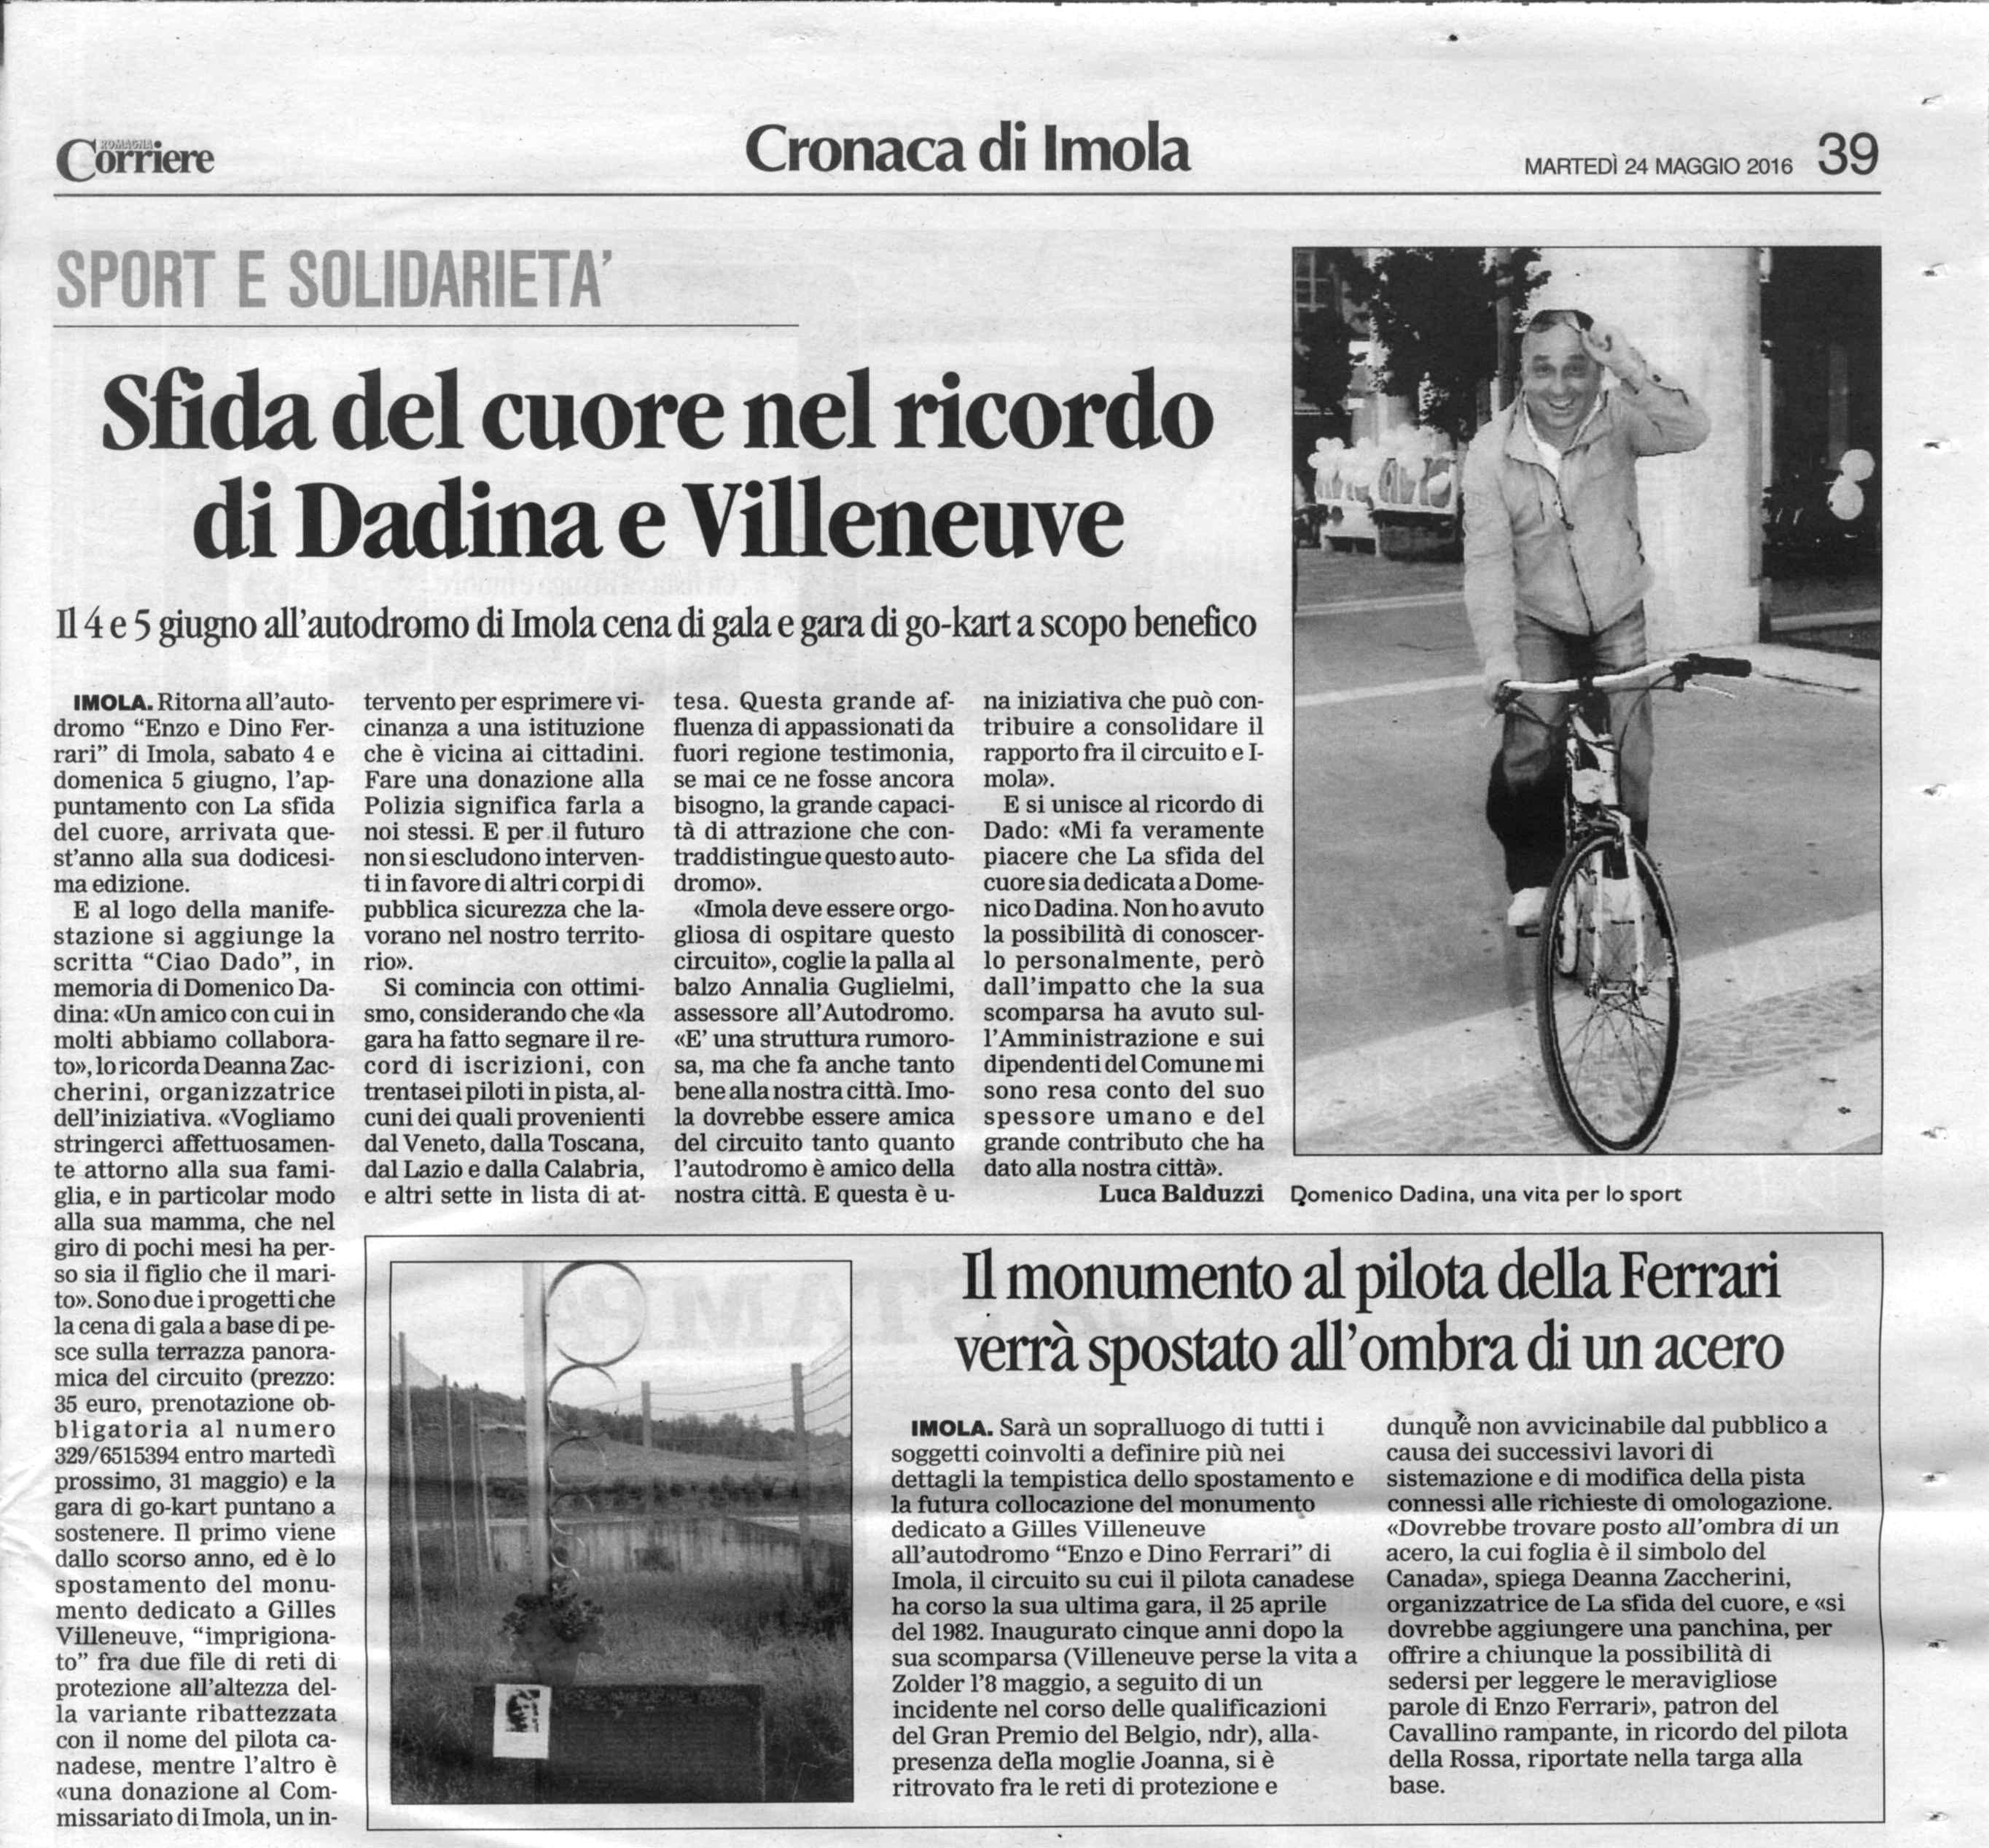 Corriere_24_05_taglio